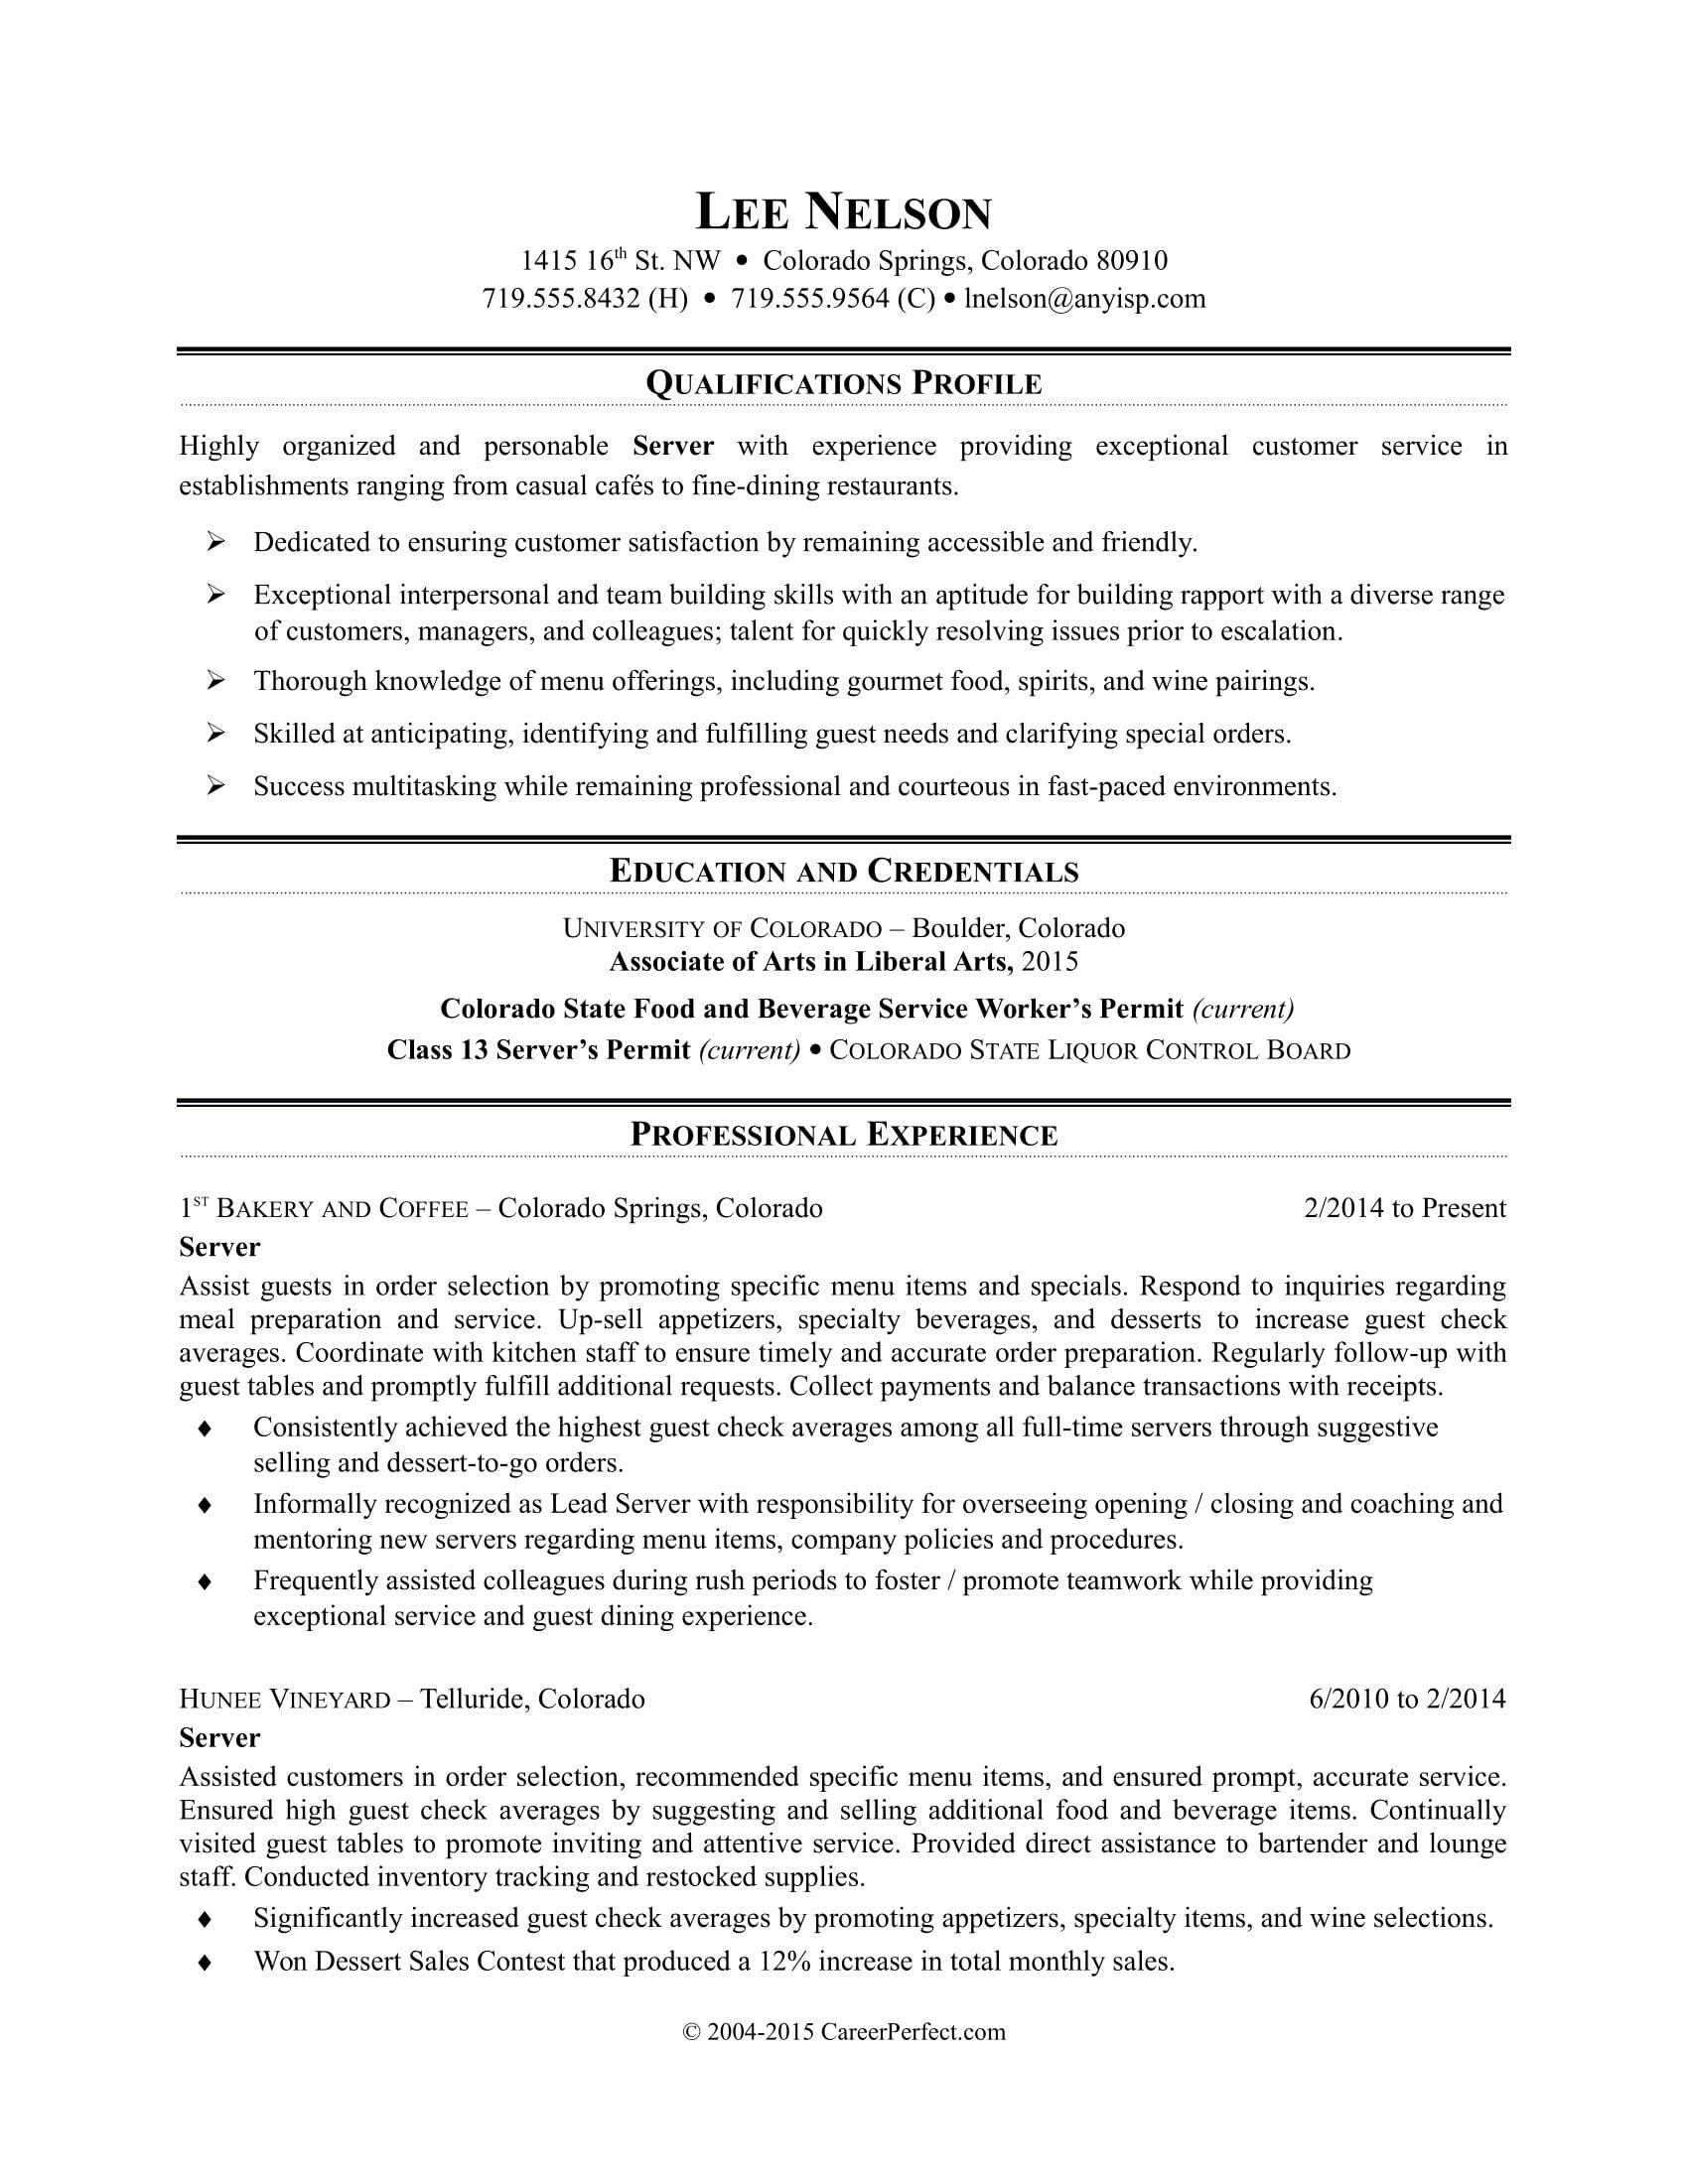 Sample Resume for Restaurant Beautiful Restaurant Server Resume Sample